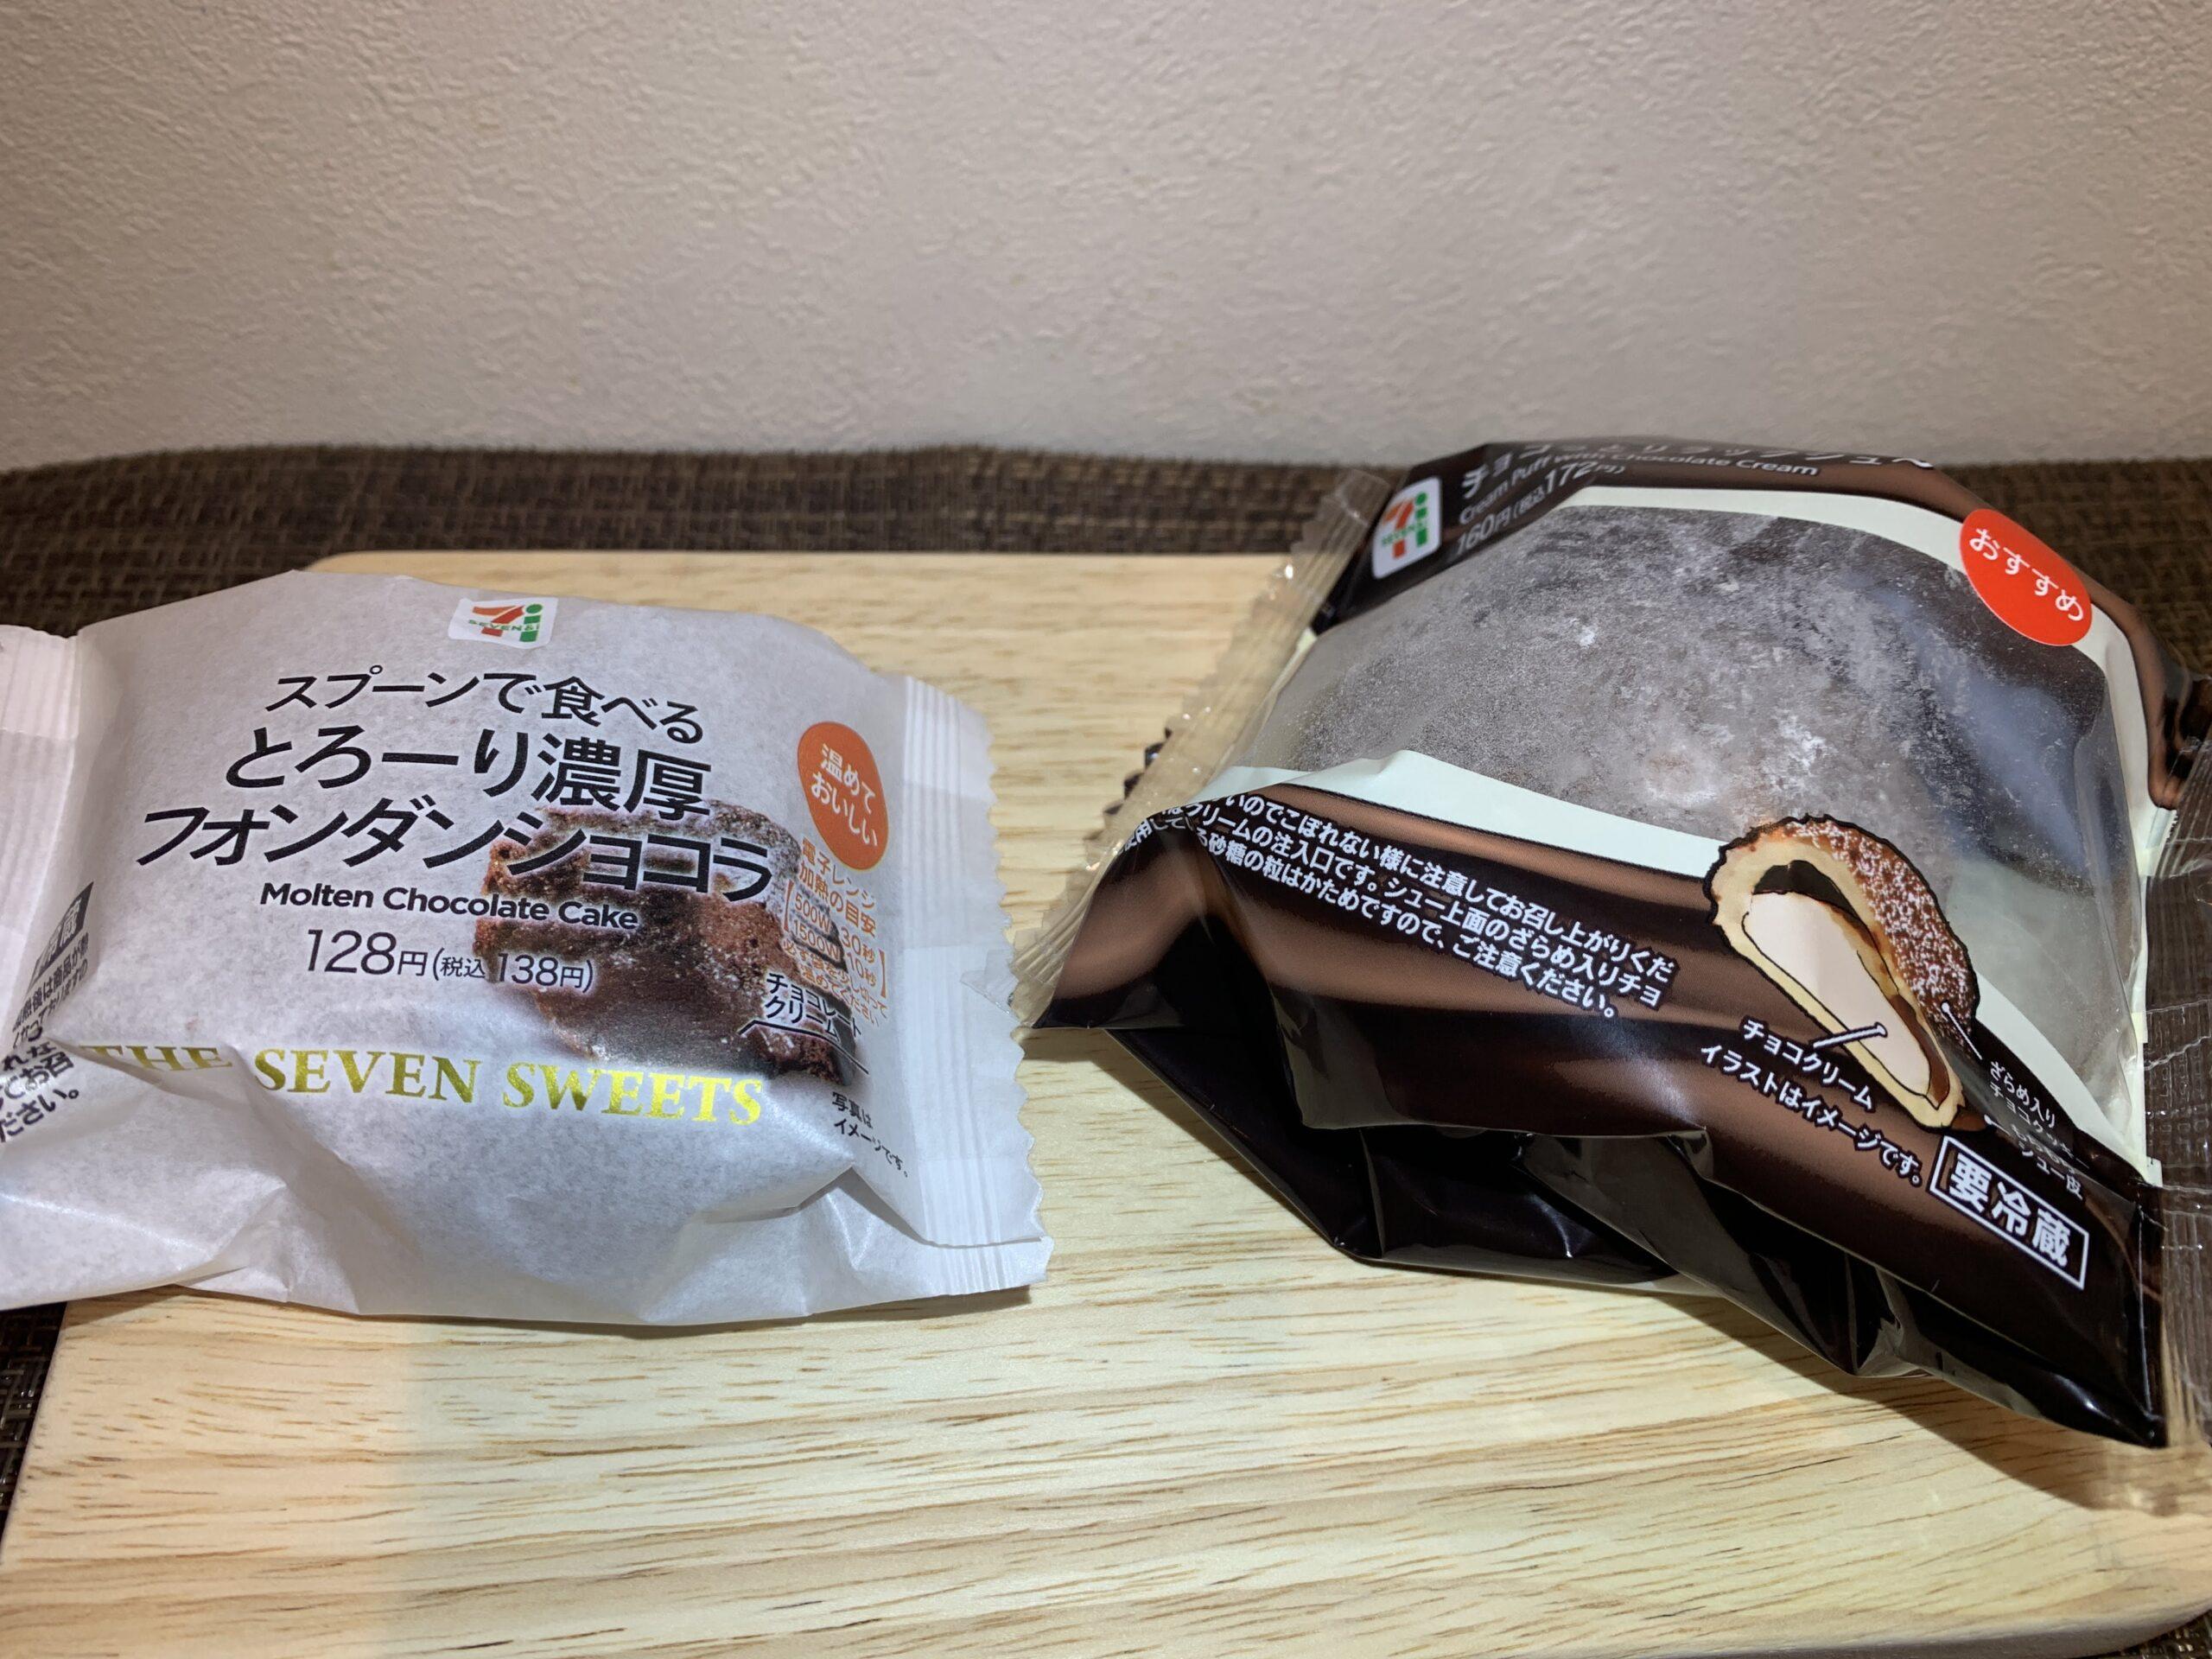 セブンスイーツ・濃厚フォンダンショコラ&チョコっとリラックシュ〜実食レビュー